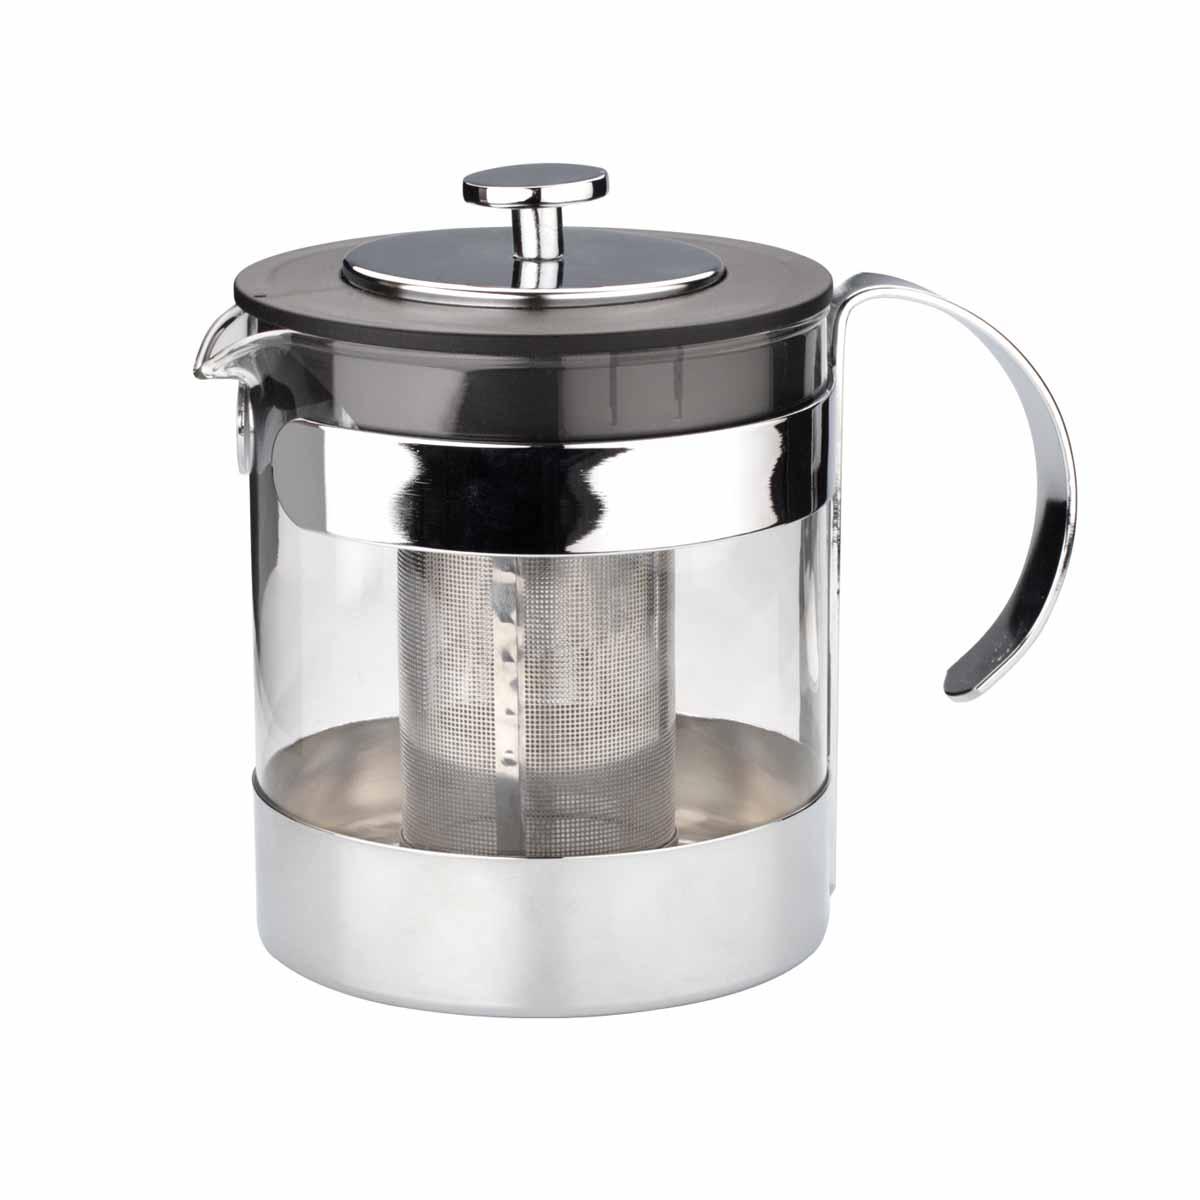 Чайник заварочный Dekok, 1,2 лCP-1021Заварочный чайник Dekok изготовлен из термостойкого стекла - прочного износостойкого материала. Чайник оснащен фильтром и крышкой из нержавеющей стали. Простой и удобный чайник поможет вам приготовить крепкий, ароматный чай или кофе. Дизайн изделия создает гипнотическую атмосферу через сочетание полупрозрачного цвета и хромированных элементов. Не рекомендуется мыть в посудомоечной машине. Не использовать в микроволновой печи. Диаметр (по верхнему краю): 11 см. Высота (без учета крышки): 13,5 см. Высота фильтра: 9 см.